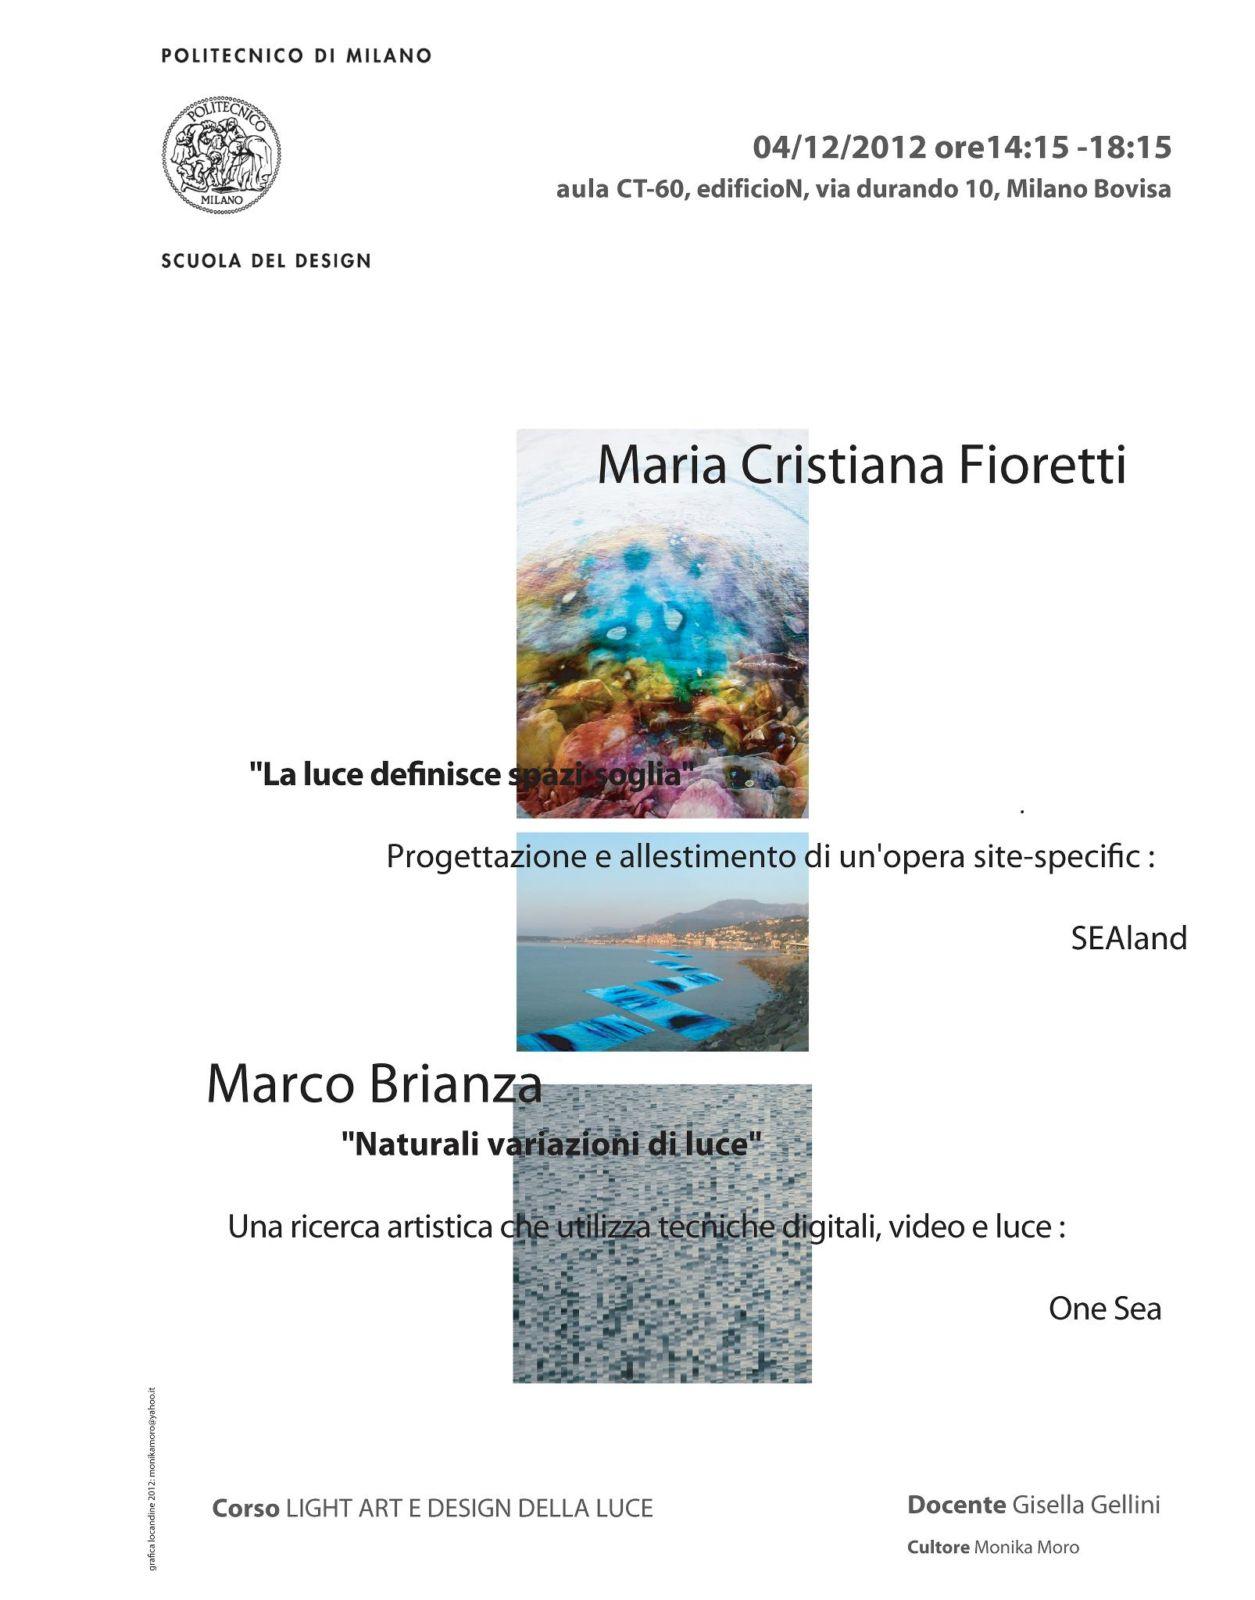 locandina4-12-2012